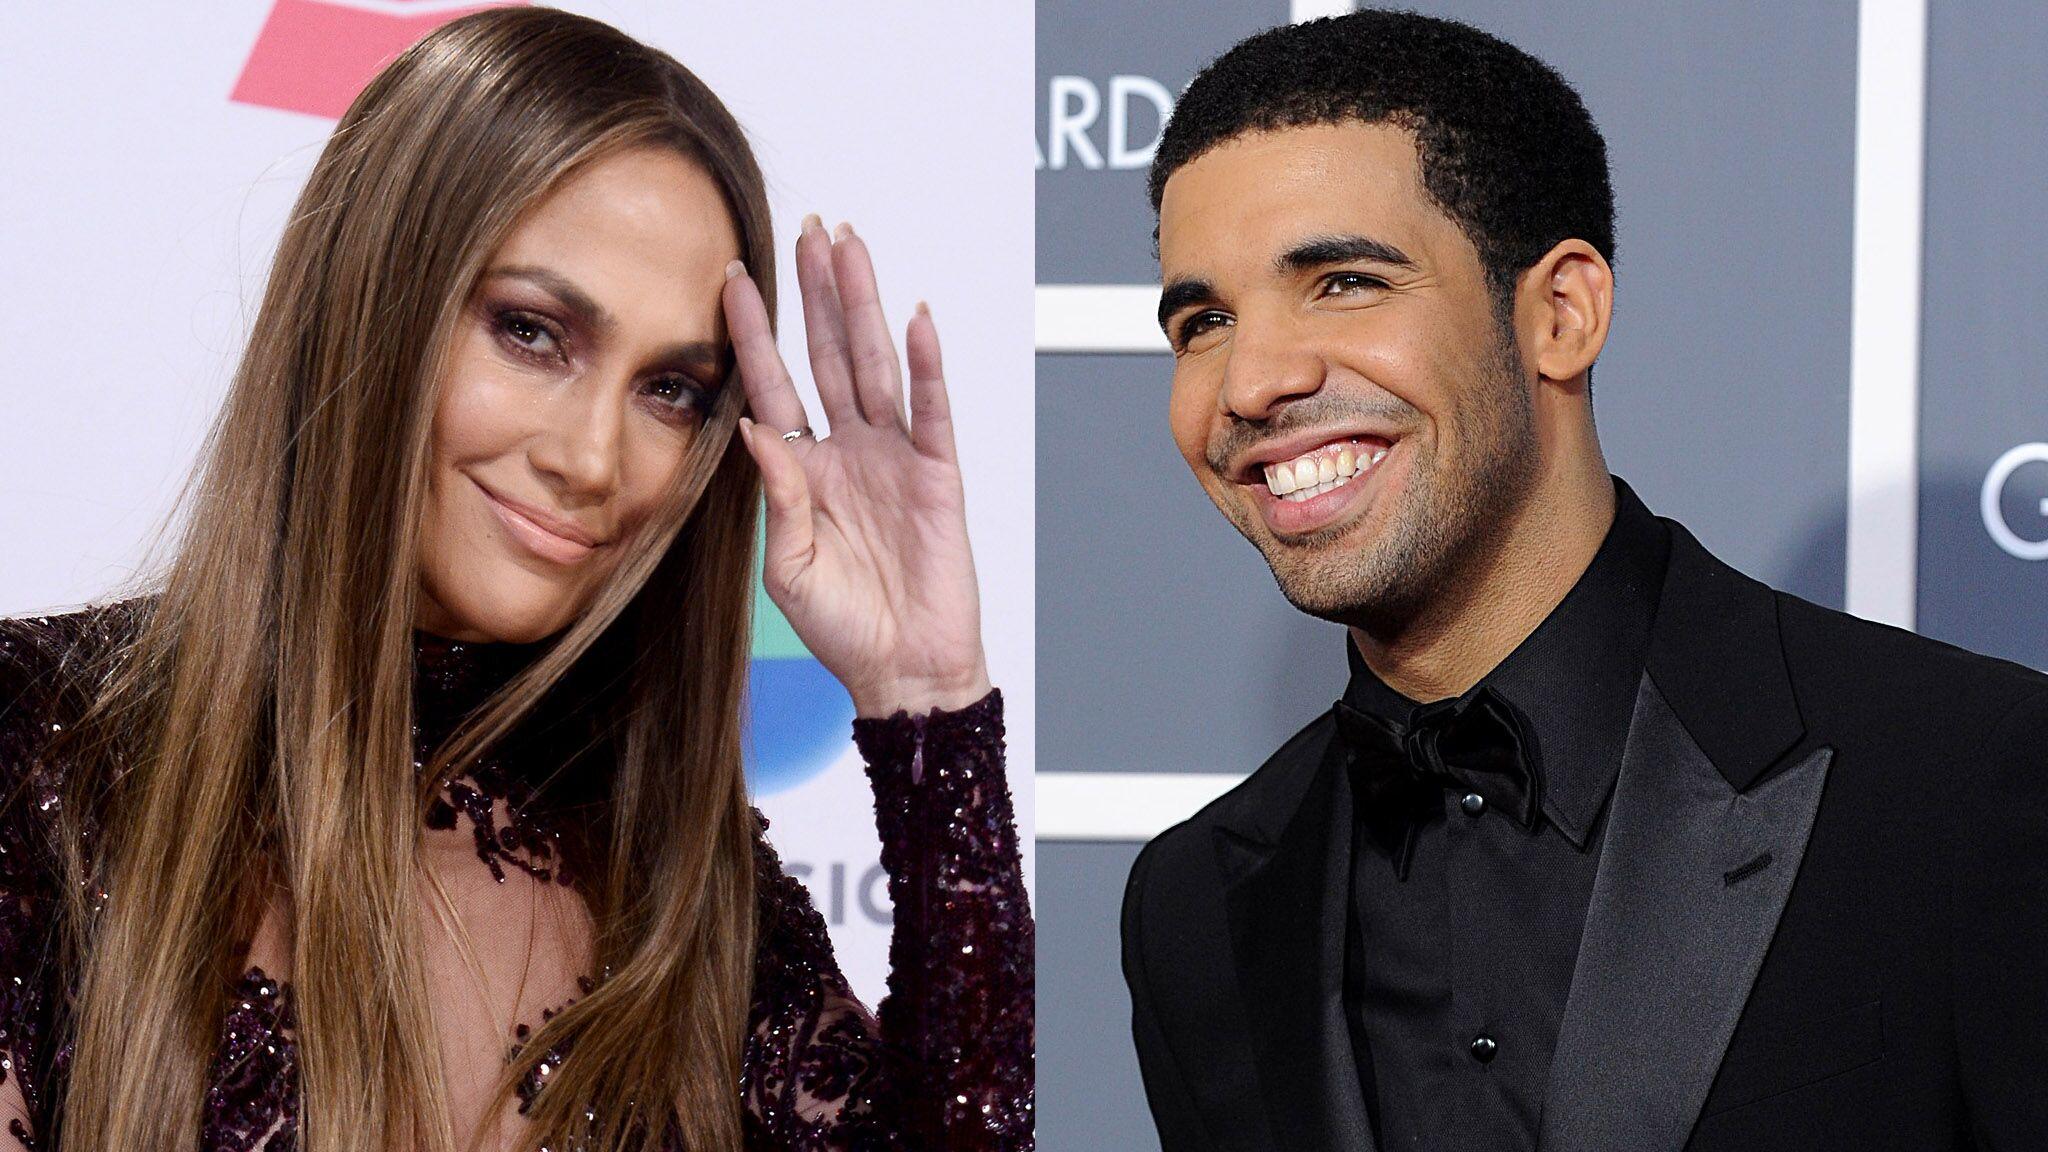 A 16 heures, Mel prendra la scène avec sa pop urbaine, dont des reprises de Rihanna ou encore du rappeur Drake.